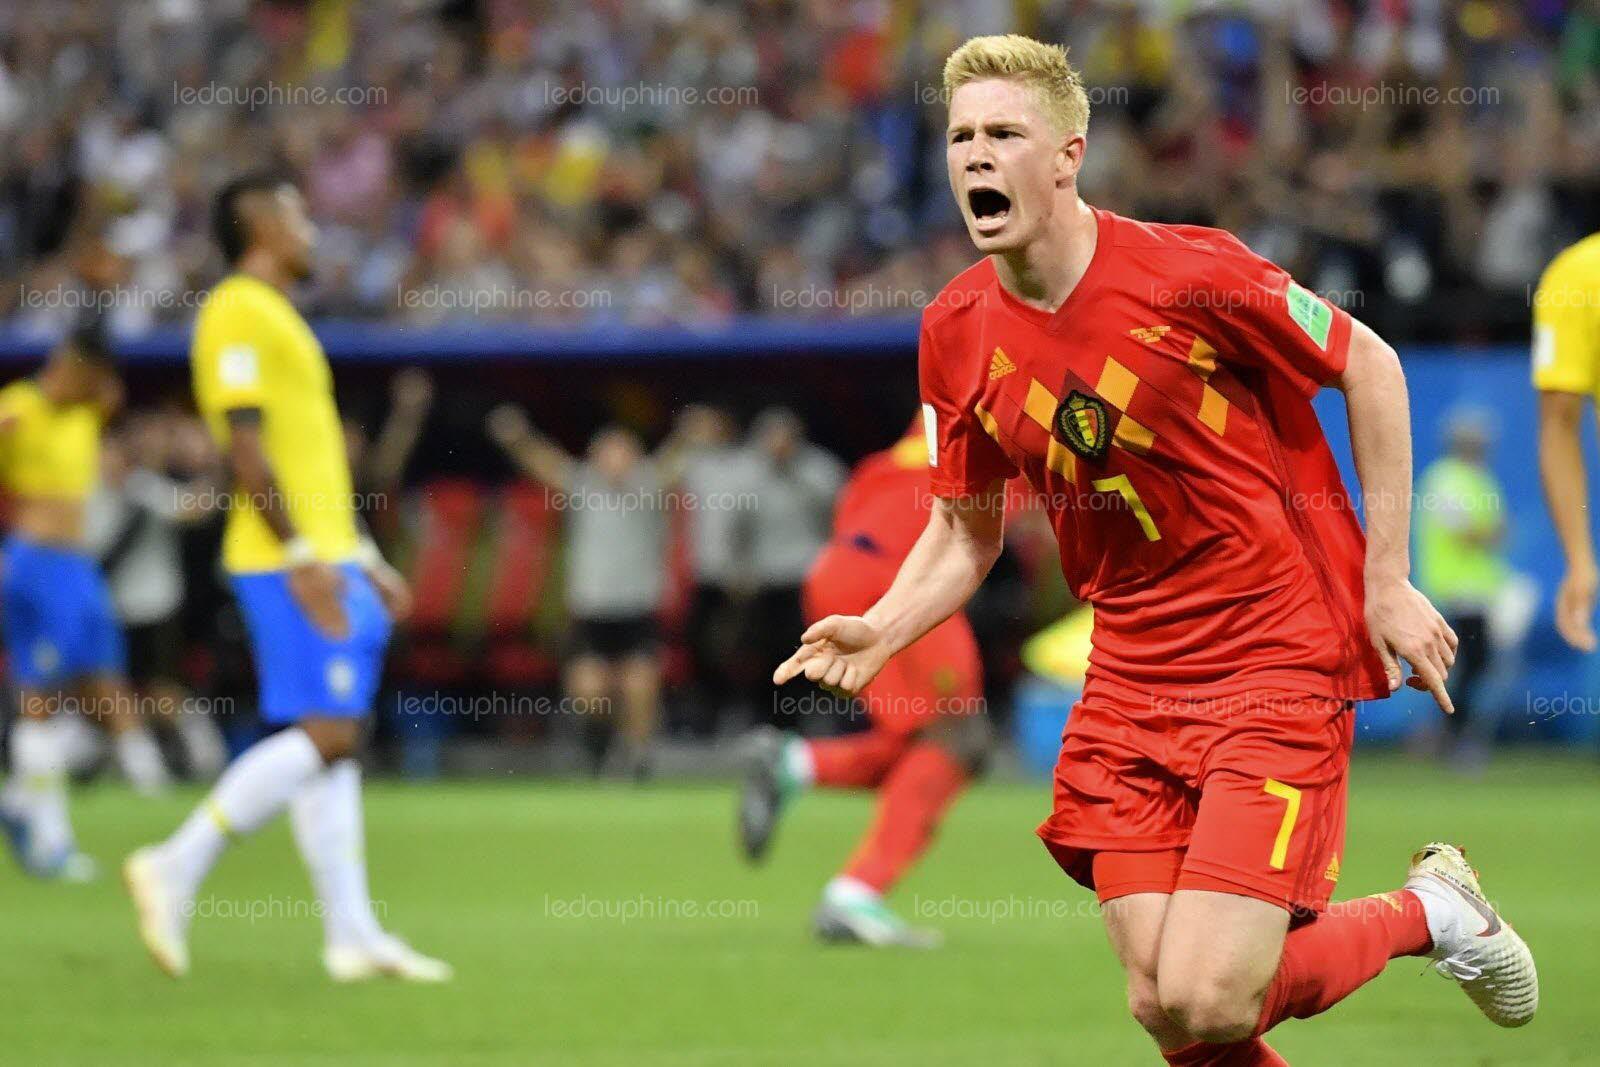 Mondial 2018 : la Belgique élimine le Brésil (2-1) et rejoint la France en demi-finales